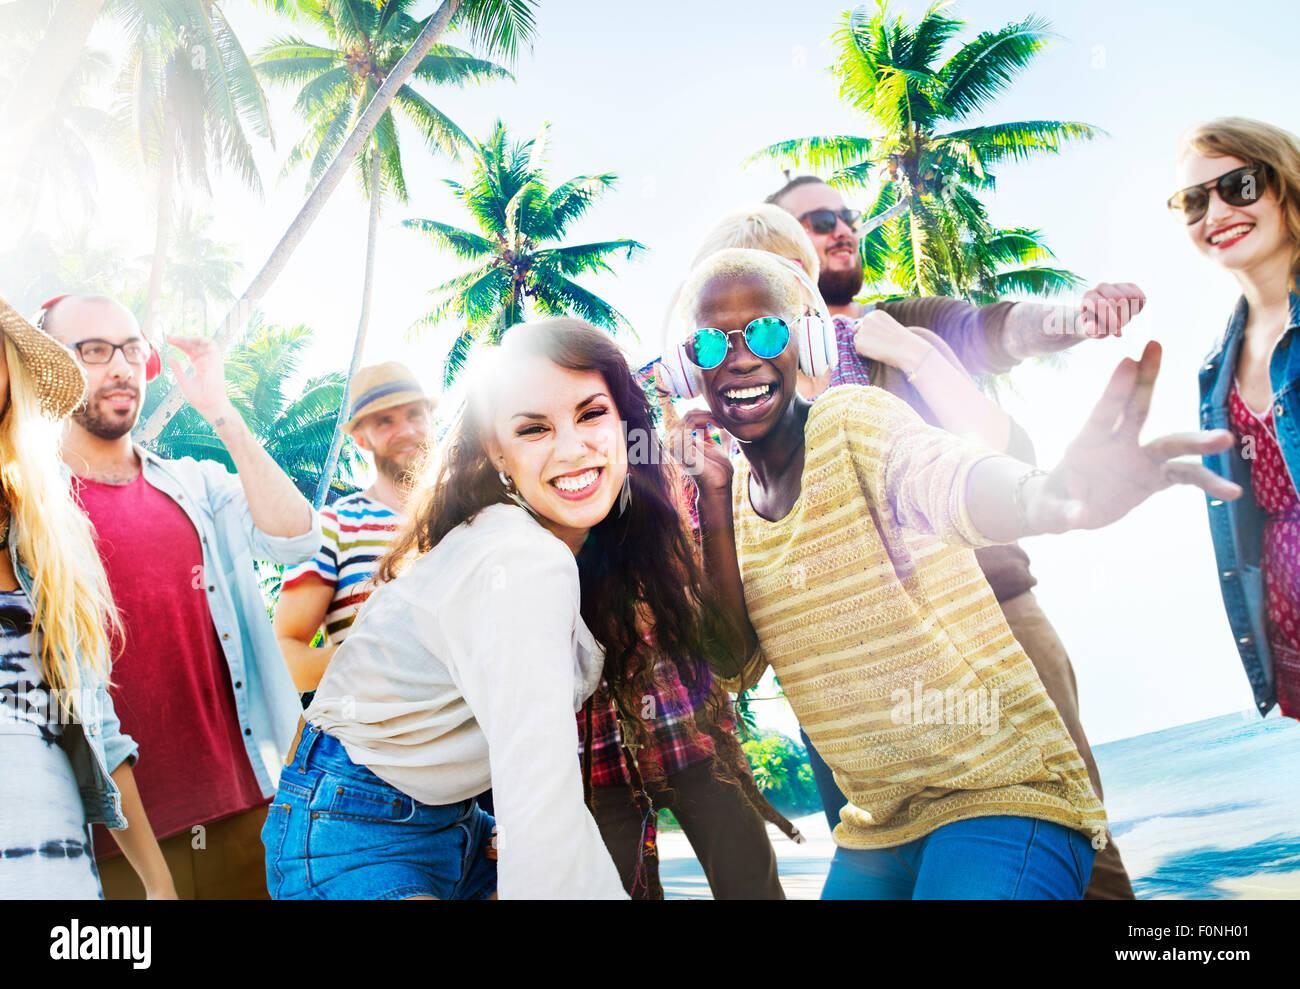 Los amigos de verano bailando Beach Party Concepto Imagen De Stock